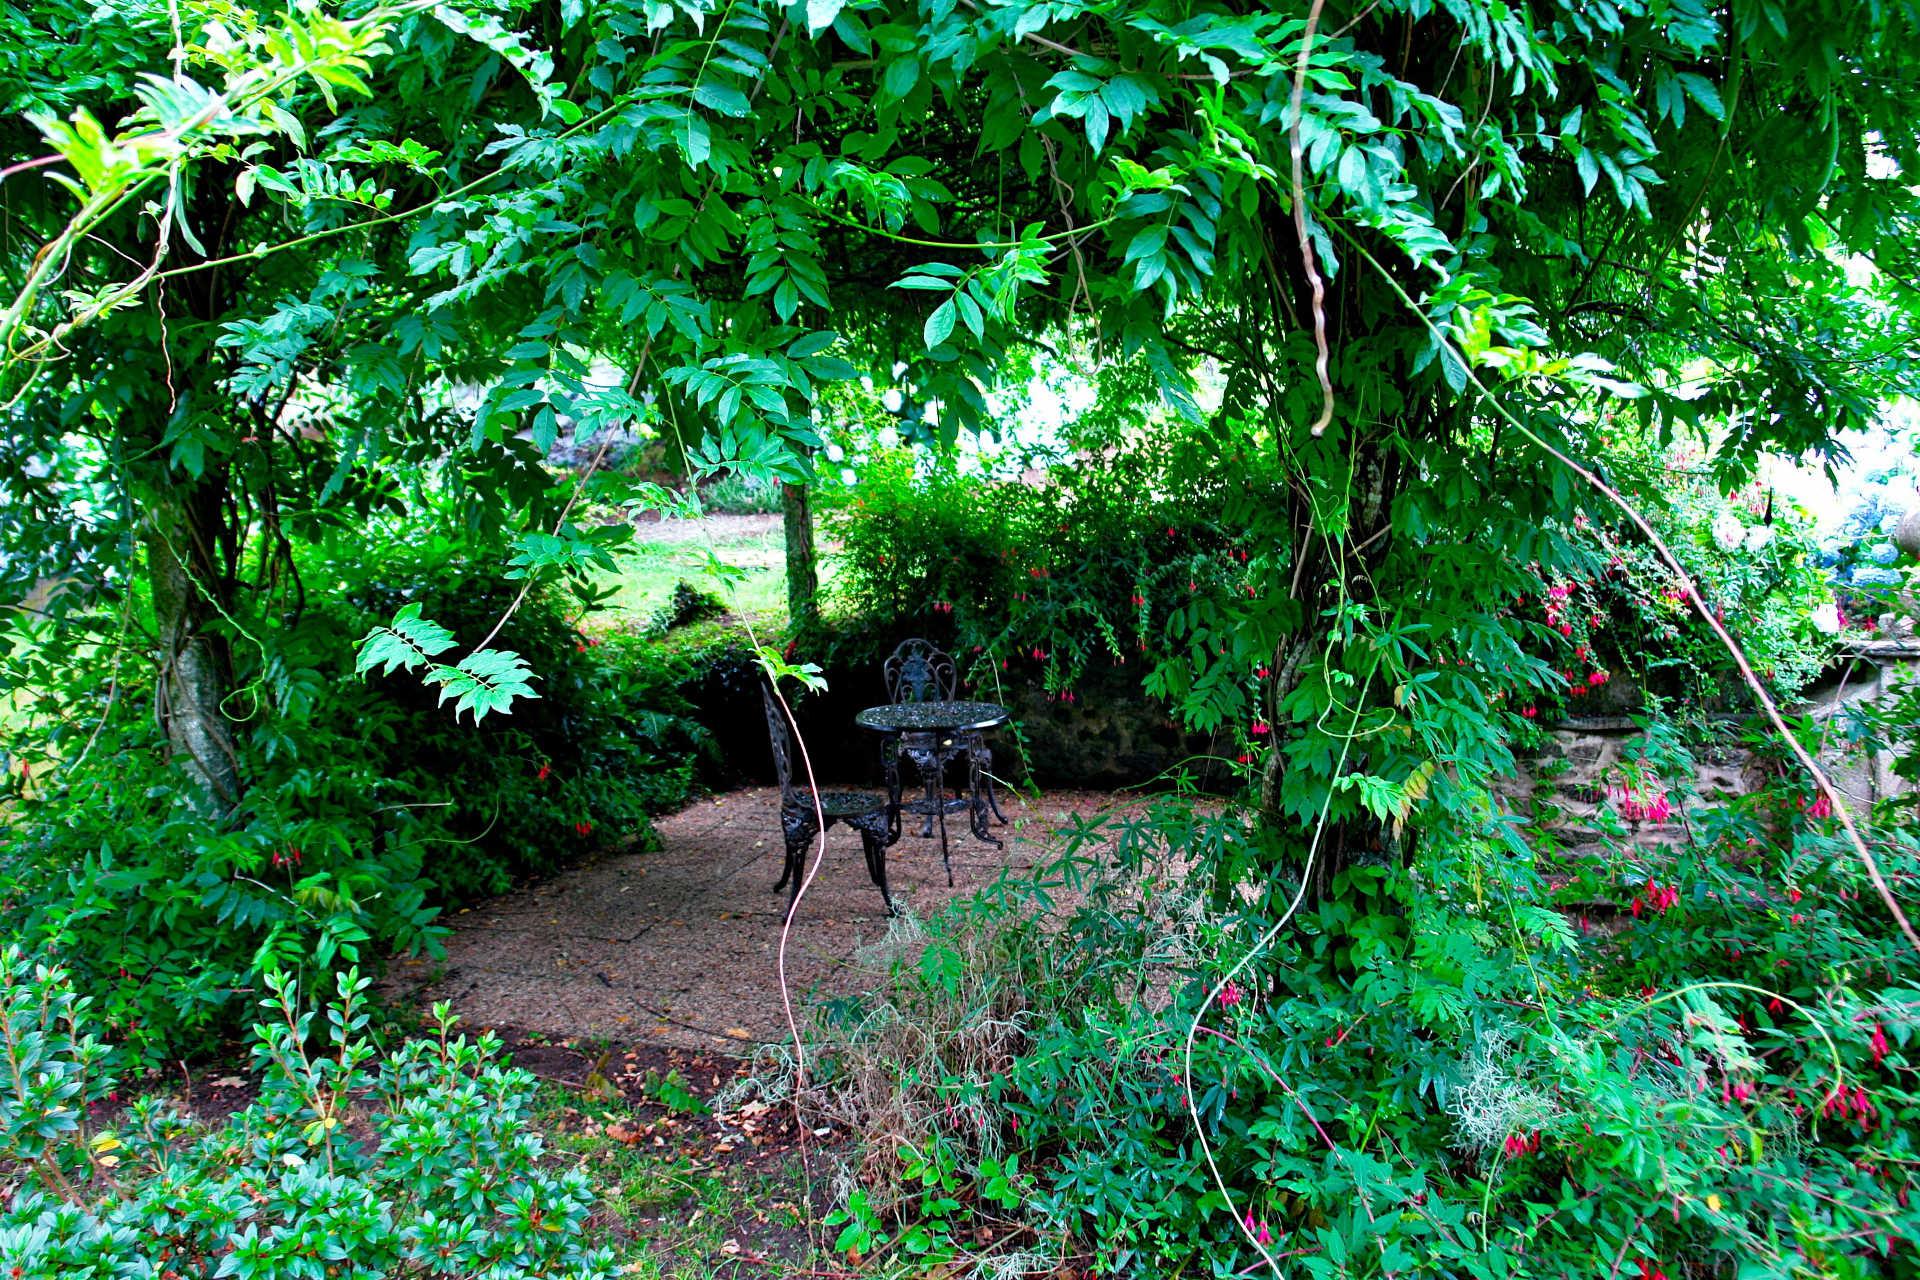 Jardines exteriores mesa casa rural as seis chemineas for Casa rural mansion terraplen seis